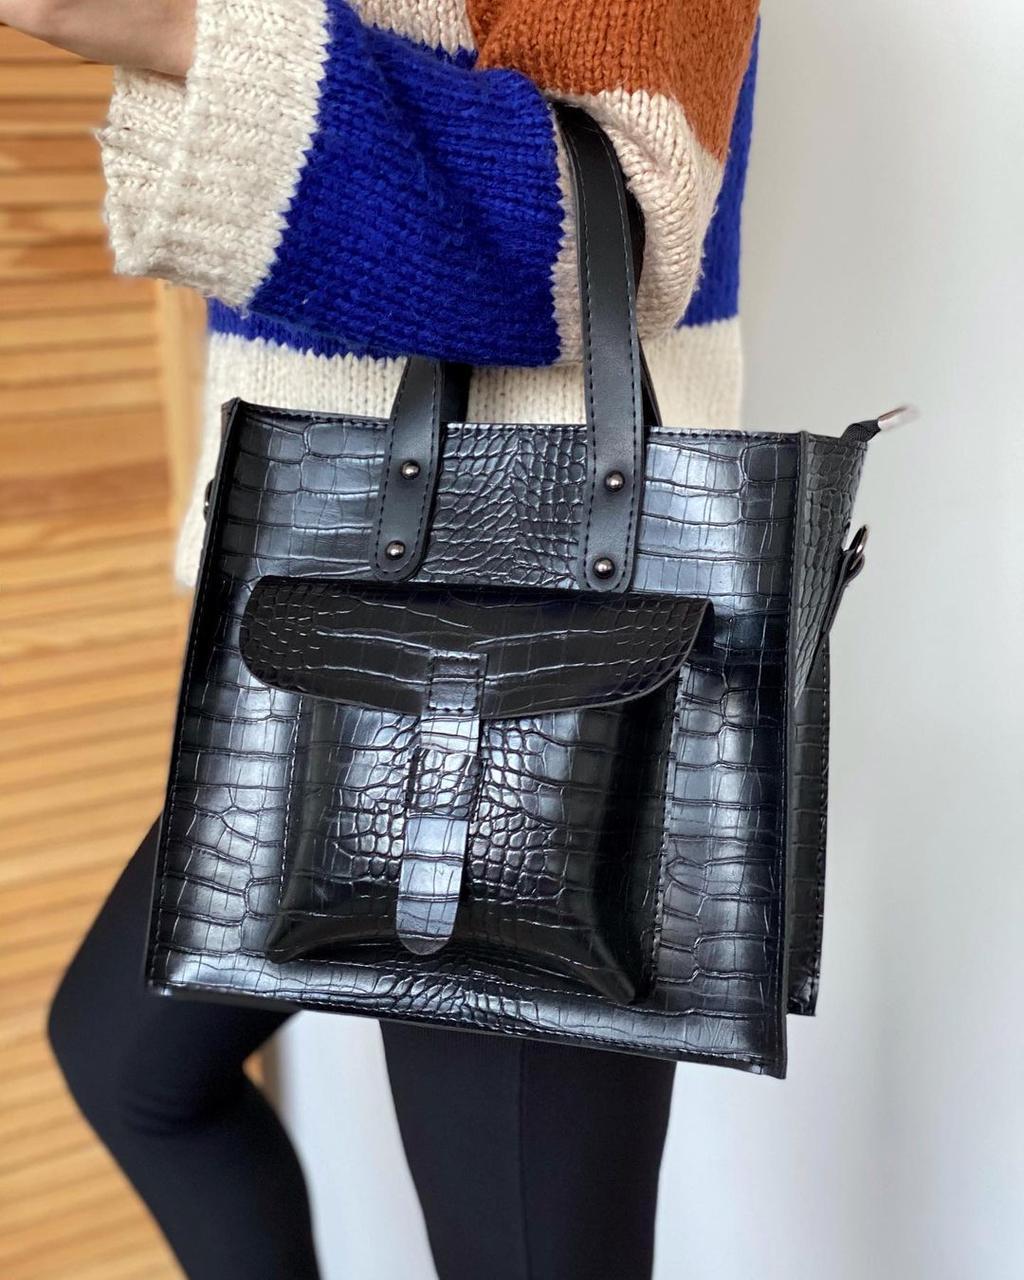 Женская сумка черная средняя классическая с карманом повседневная квадратная под рептилию экокожа